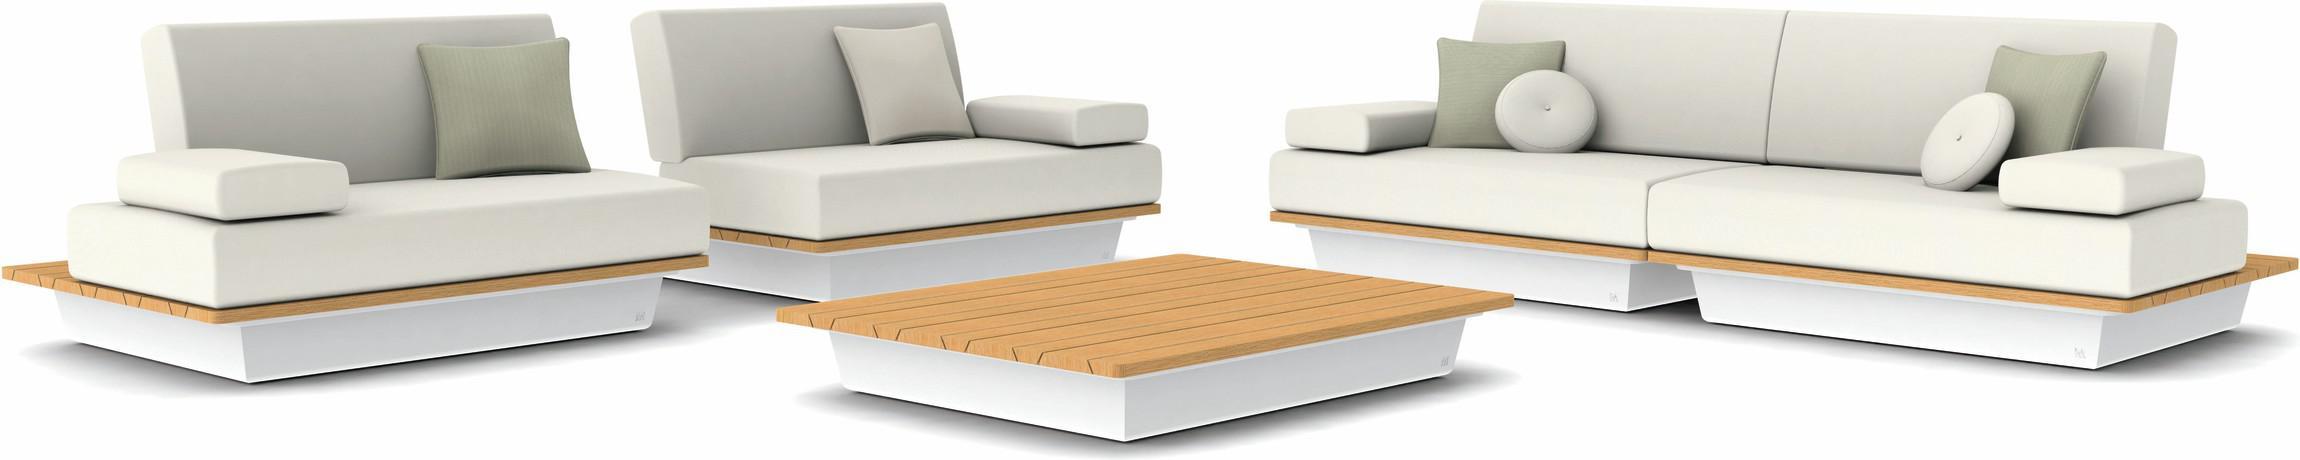 Air concept 3 - wit - houten afwerking in iroko